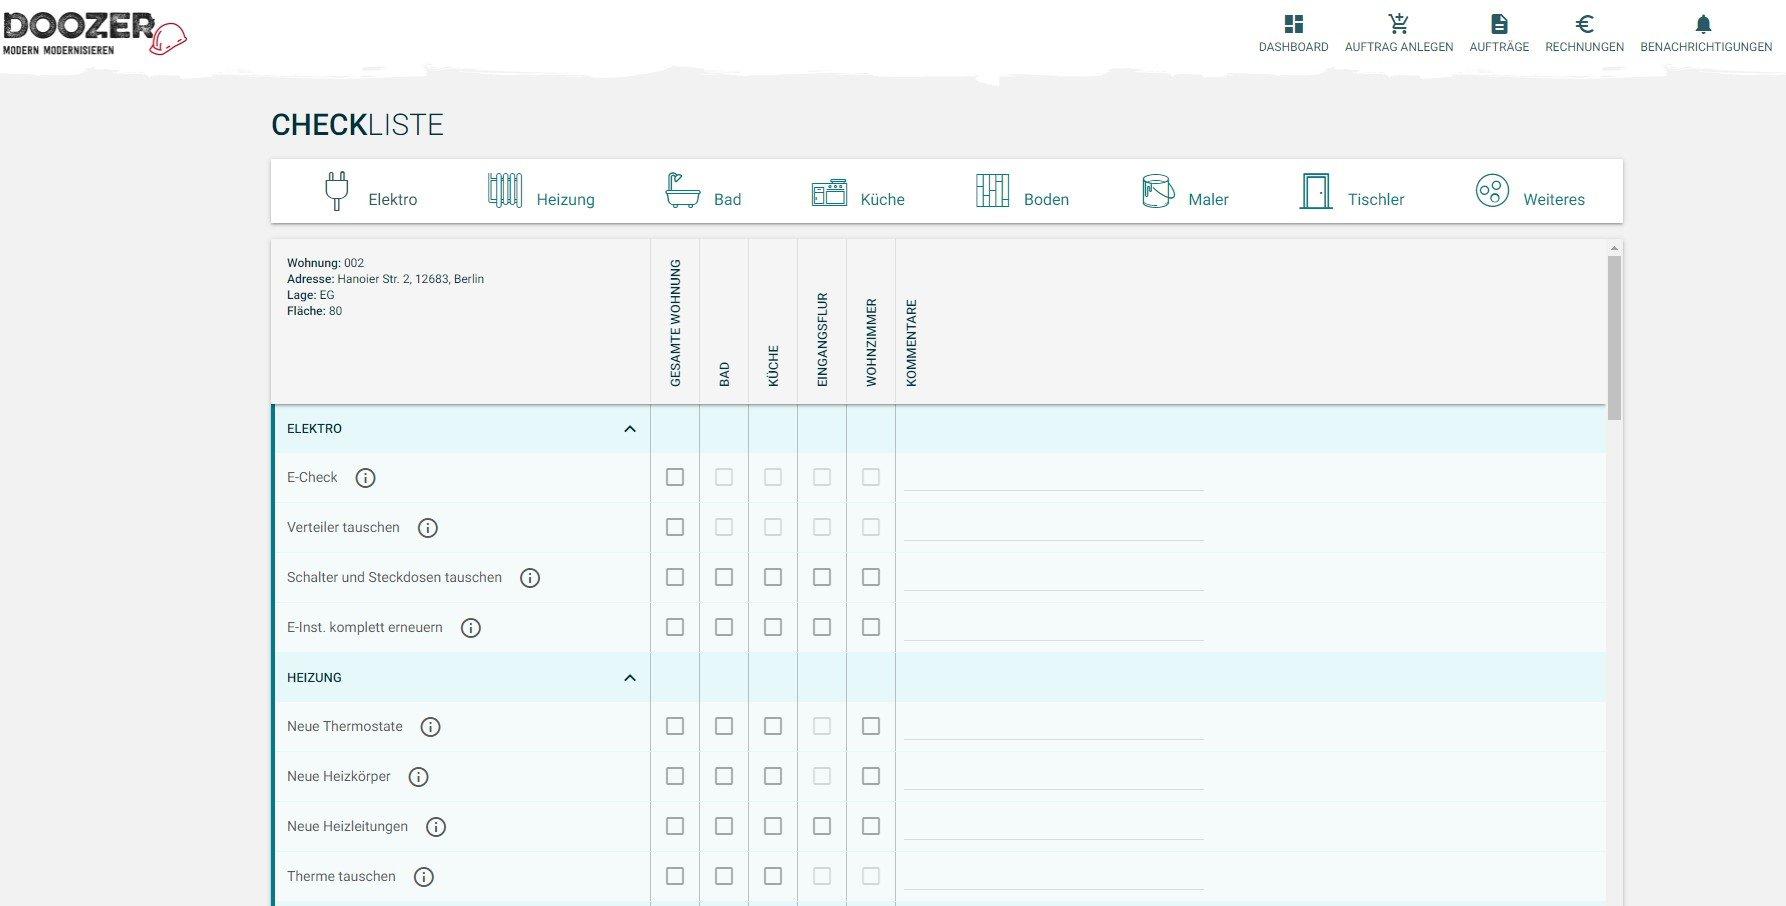 Die Checkliste ermöglicht Ihnen die einfachste Auswahl von Leistungspaketen – ein Mausklick genügt!